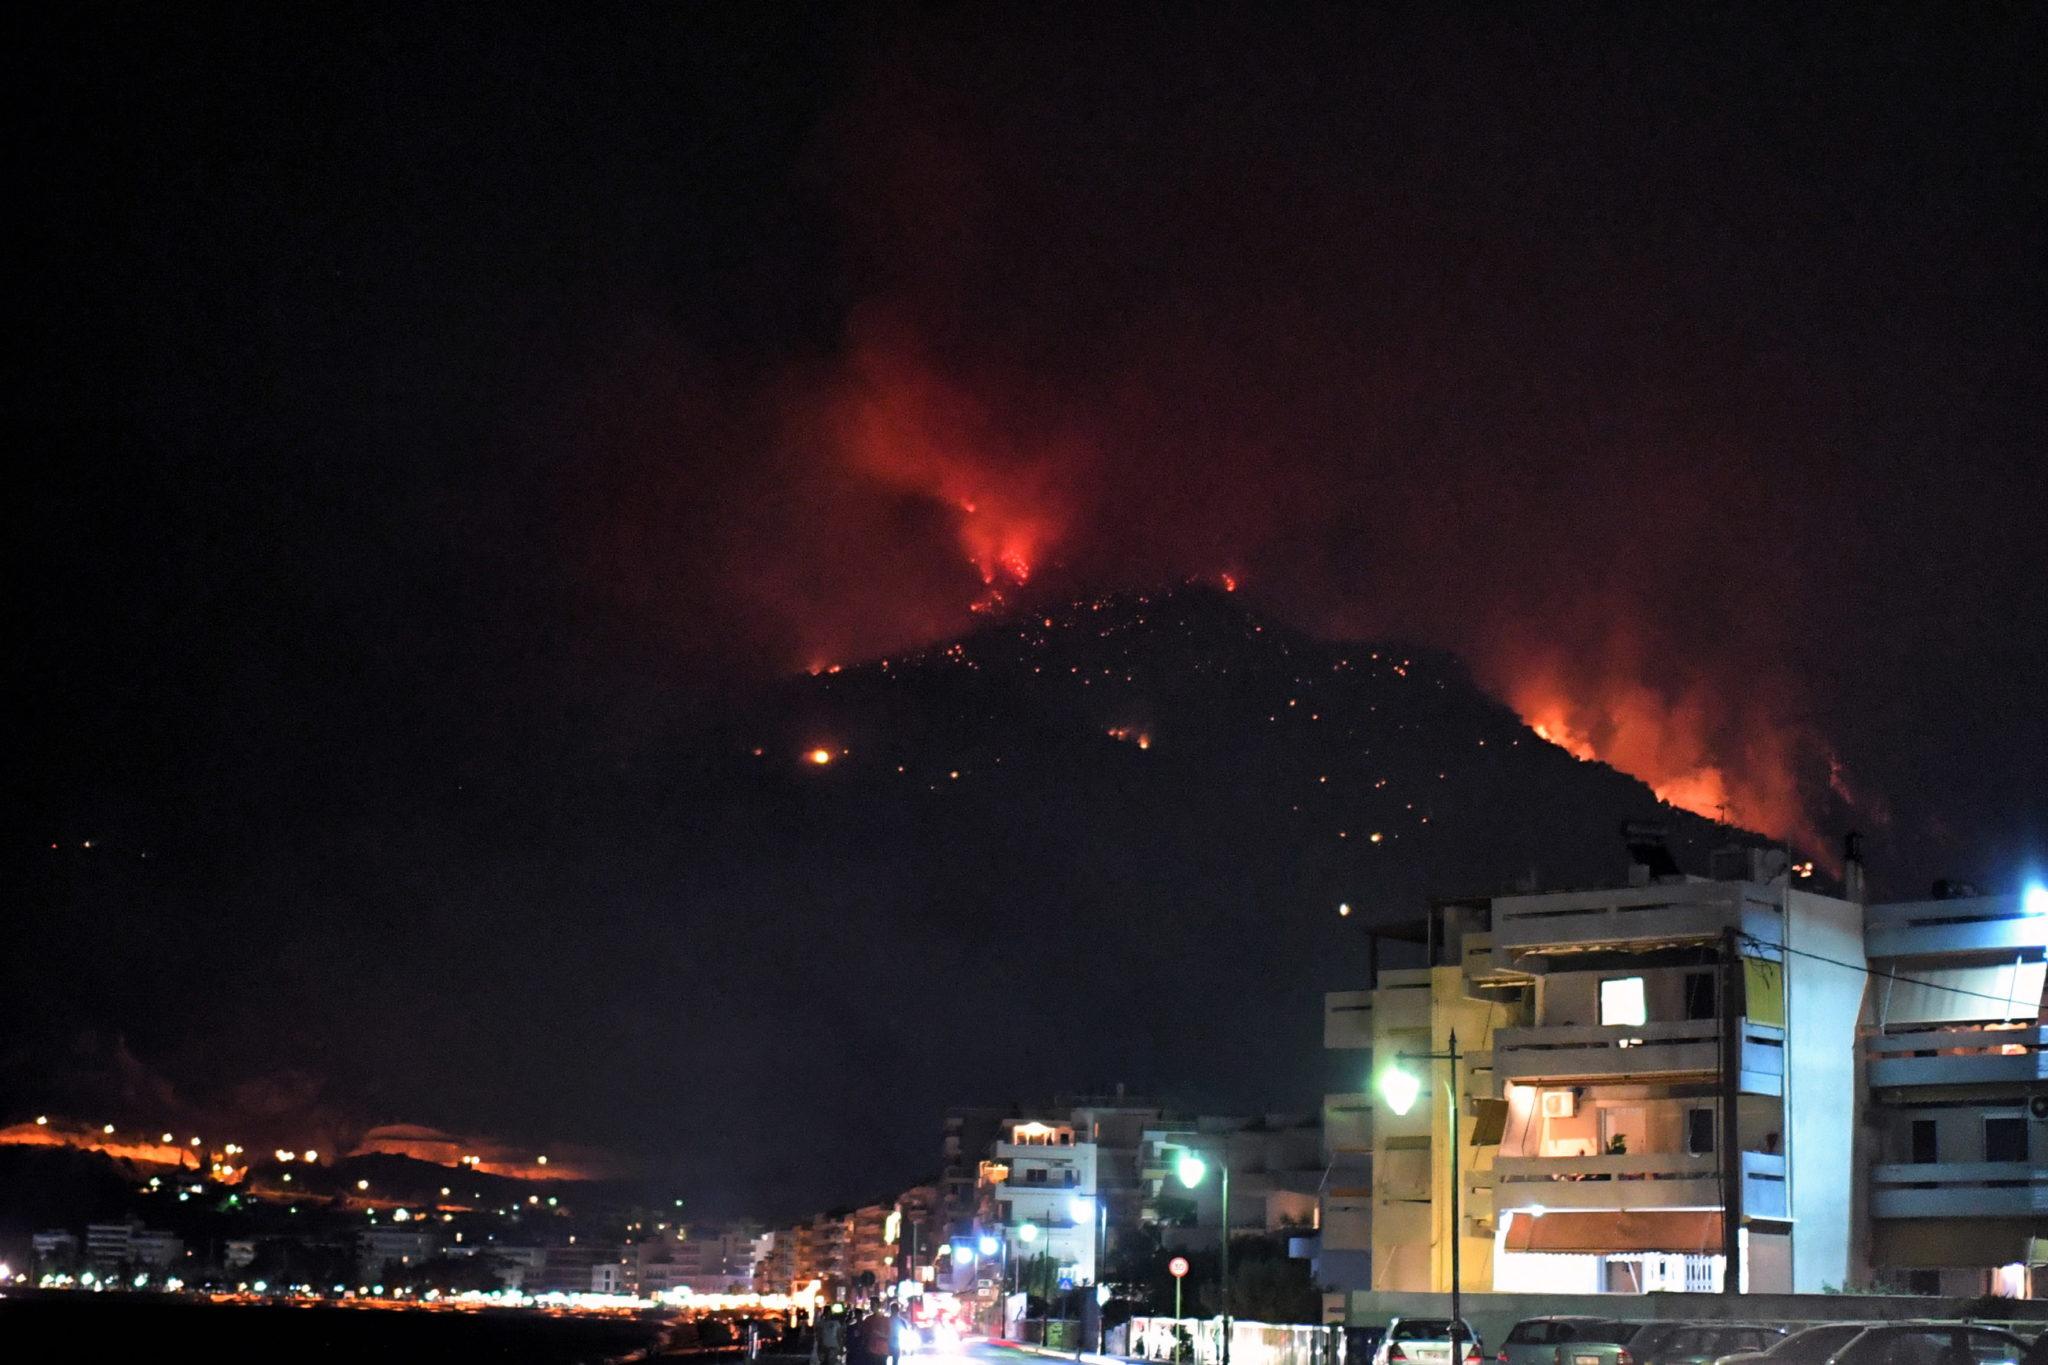 Pożary lasów w Grecji mogą zagrażać terenom mieszkalnym. fot. EPA/VASSILIS PSOMAS